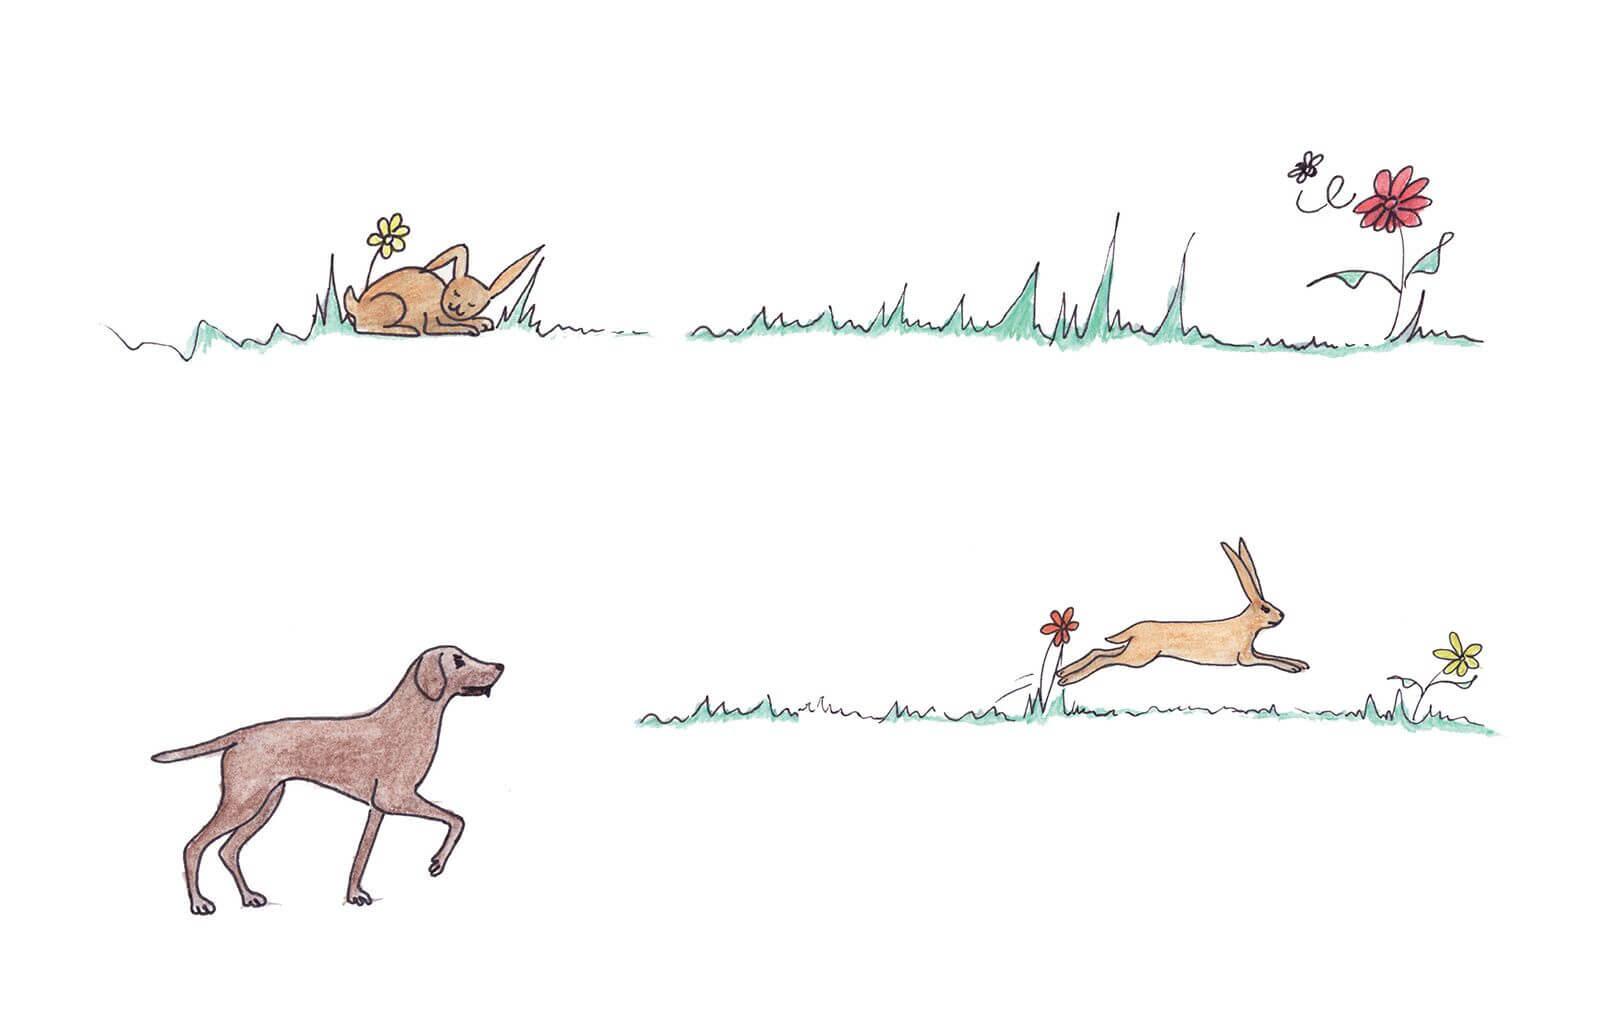 Haren hist i grøften